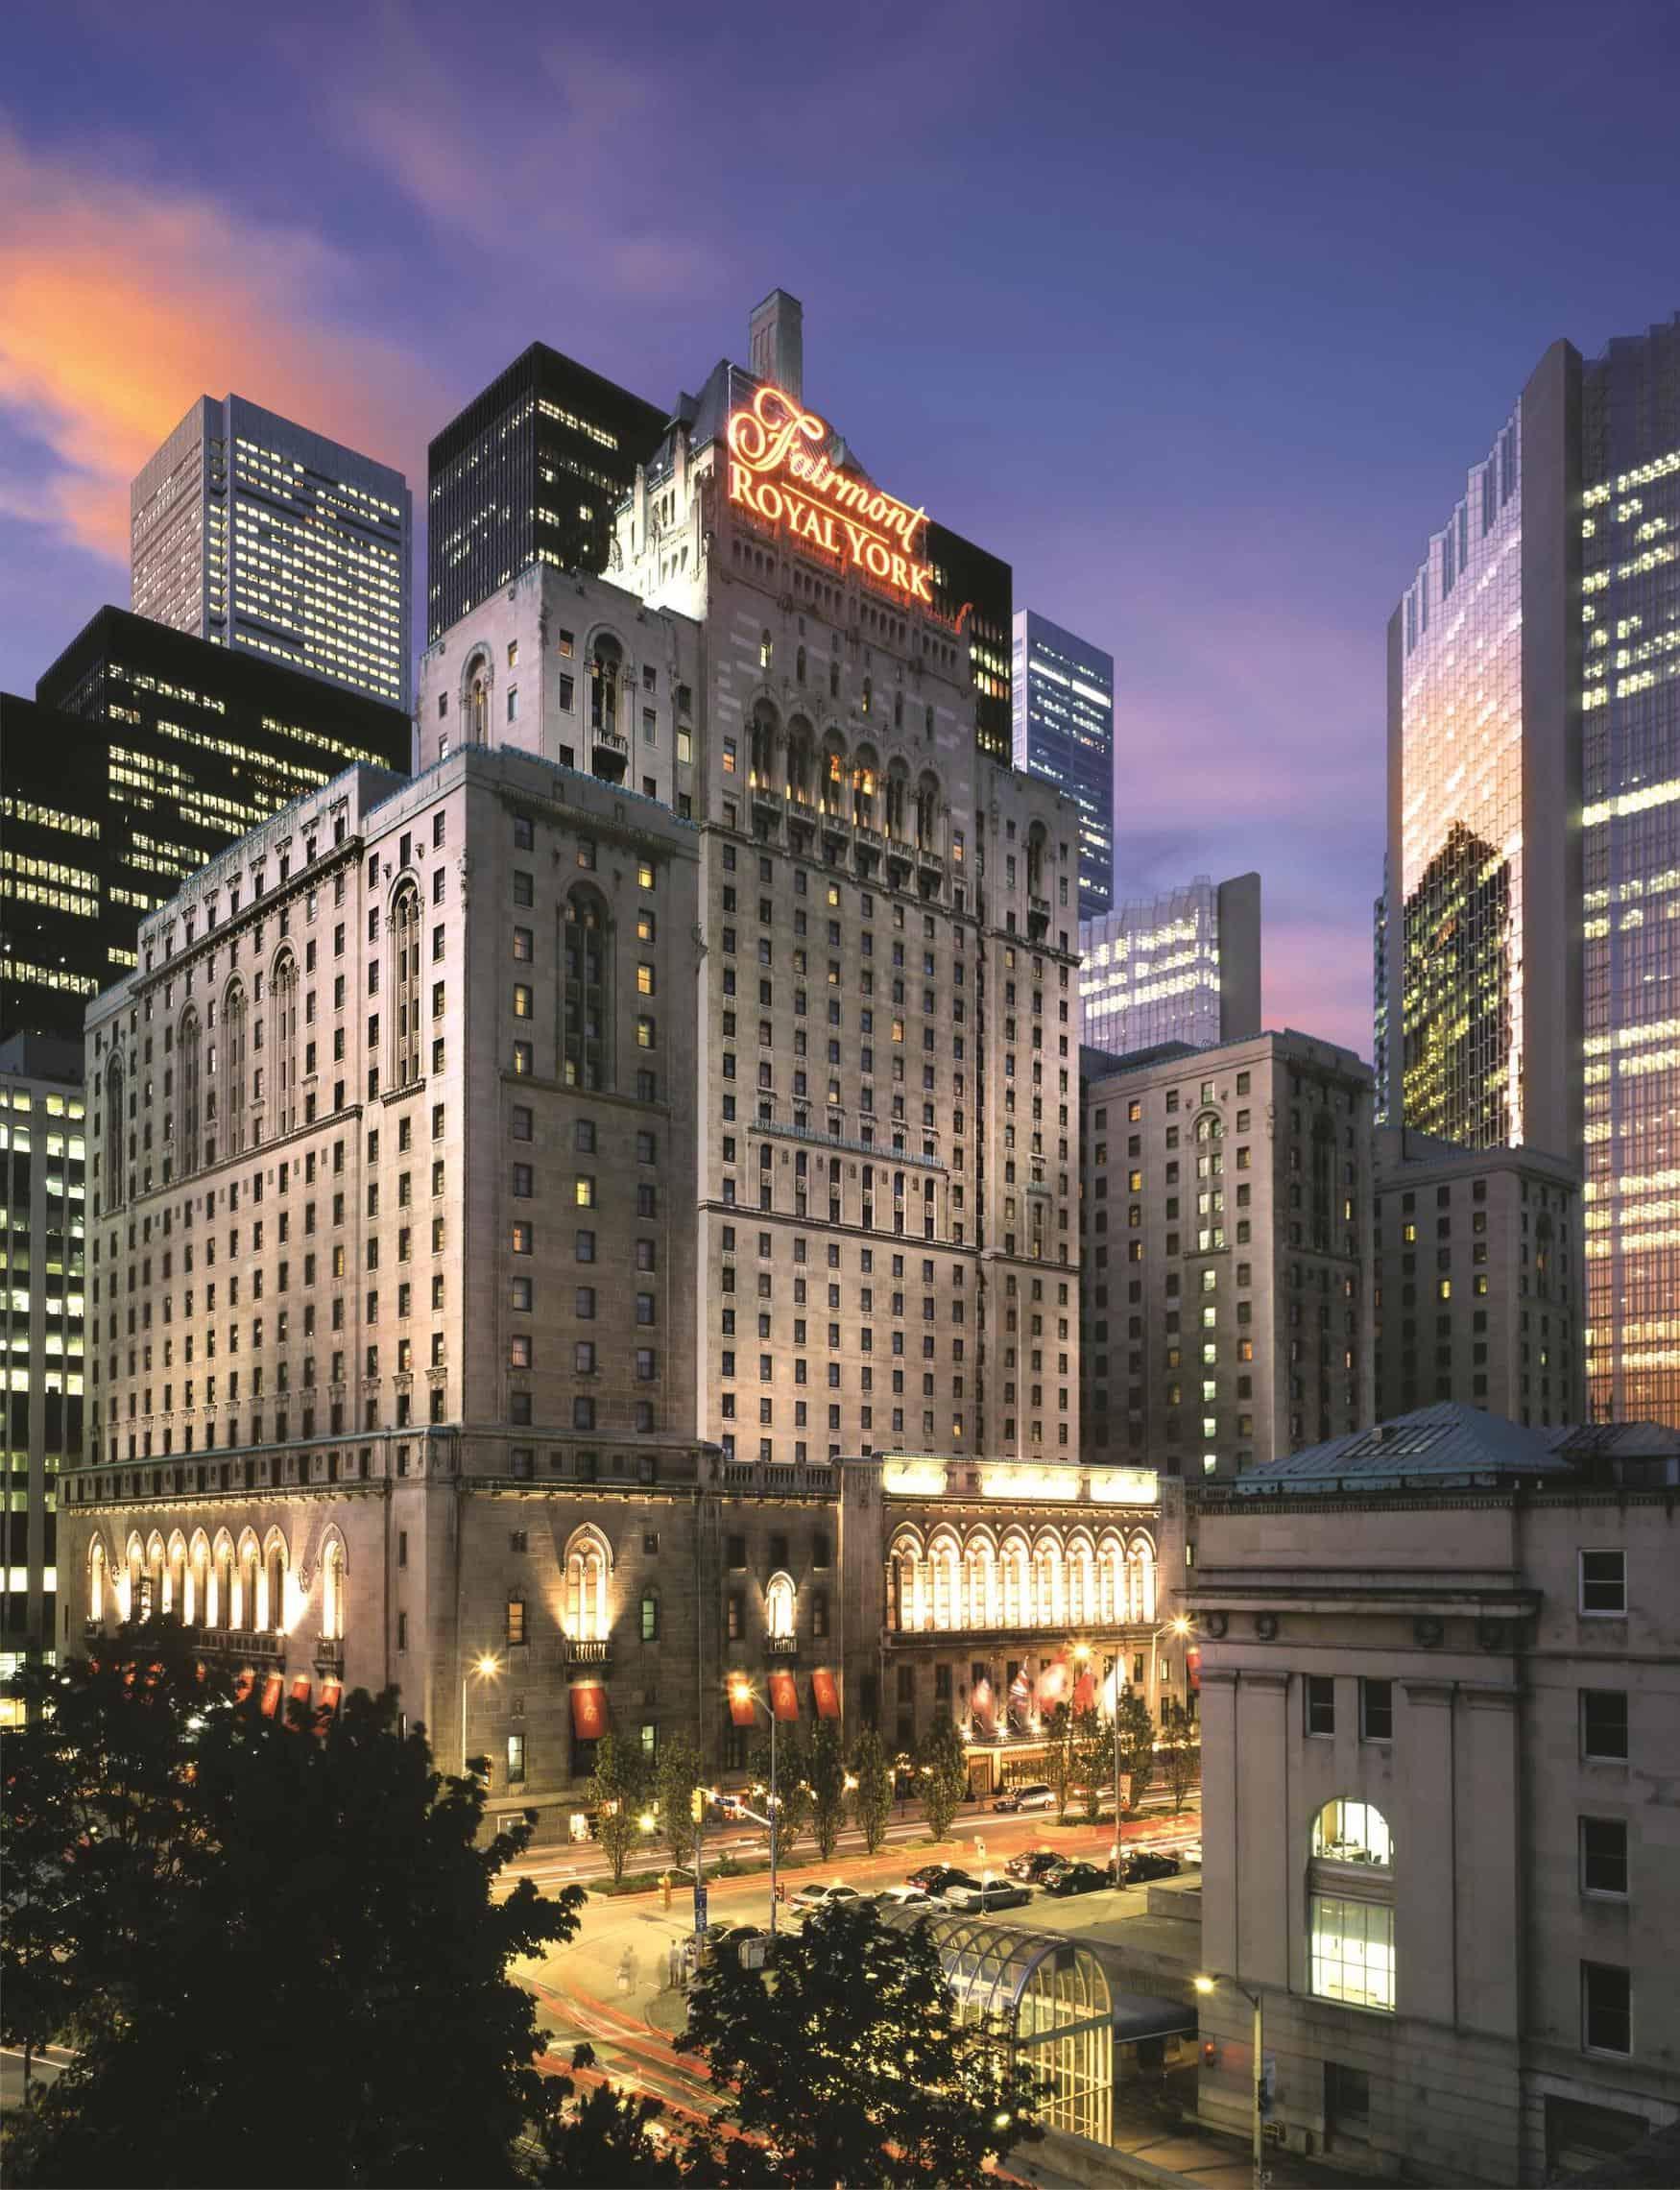 Eisenbahnhotel: Royal York Hotel, Toronto